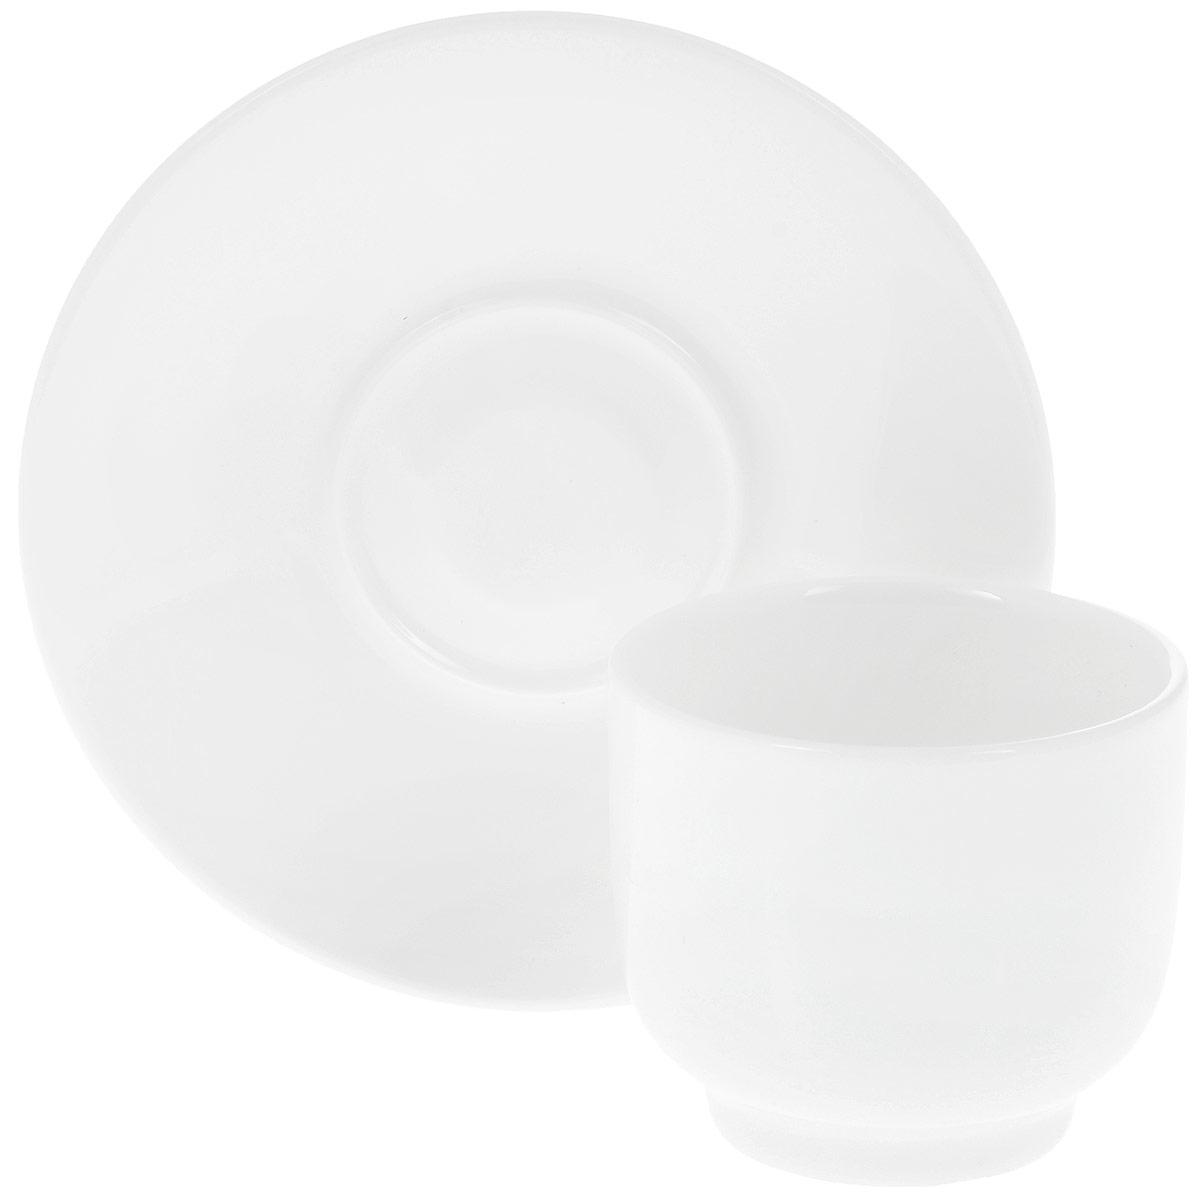 Чайная пара Wilmax, 2 предмета. WL-993021 / ABWL-993021 / ABЧайная пара Wilmax состоит из чашки без ручки и круглого блюдца, изготовленных из высококачественного глазурованного фарфора. Материал легкий, тонкий, свет без труда проникает сквозь изделия. Посуда имеет роскошную белизну, гладкость и блеск достигаются за счет особой рецептуры глазури. Изделия обладают низкой водопоглощаемостью, высокой термостойкостью и ударопрочностью, а также экологичностью. Посуда долговечна и рассчитана на постоянное интенсивное использование. Гладкая непористая поверхность исключает проникновение бактерий, изделия не будут впитывать посторонние запахи и сохранят первоначальный цвет. Чайная пара Wilmax - это функциональная, практичная и легкая в уходе посуда. Классический лаконичный дизайн дополнит сервировку вашего стола. Можно мыть в посудомоечной машине и использовать в микроволновой печи. Объем чашки: 150 мл. Диаметр чашки (по верхнему краю): 7 см. Высота стенки: 6 см. Диаметр блюдца: 13 см.